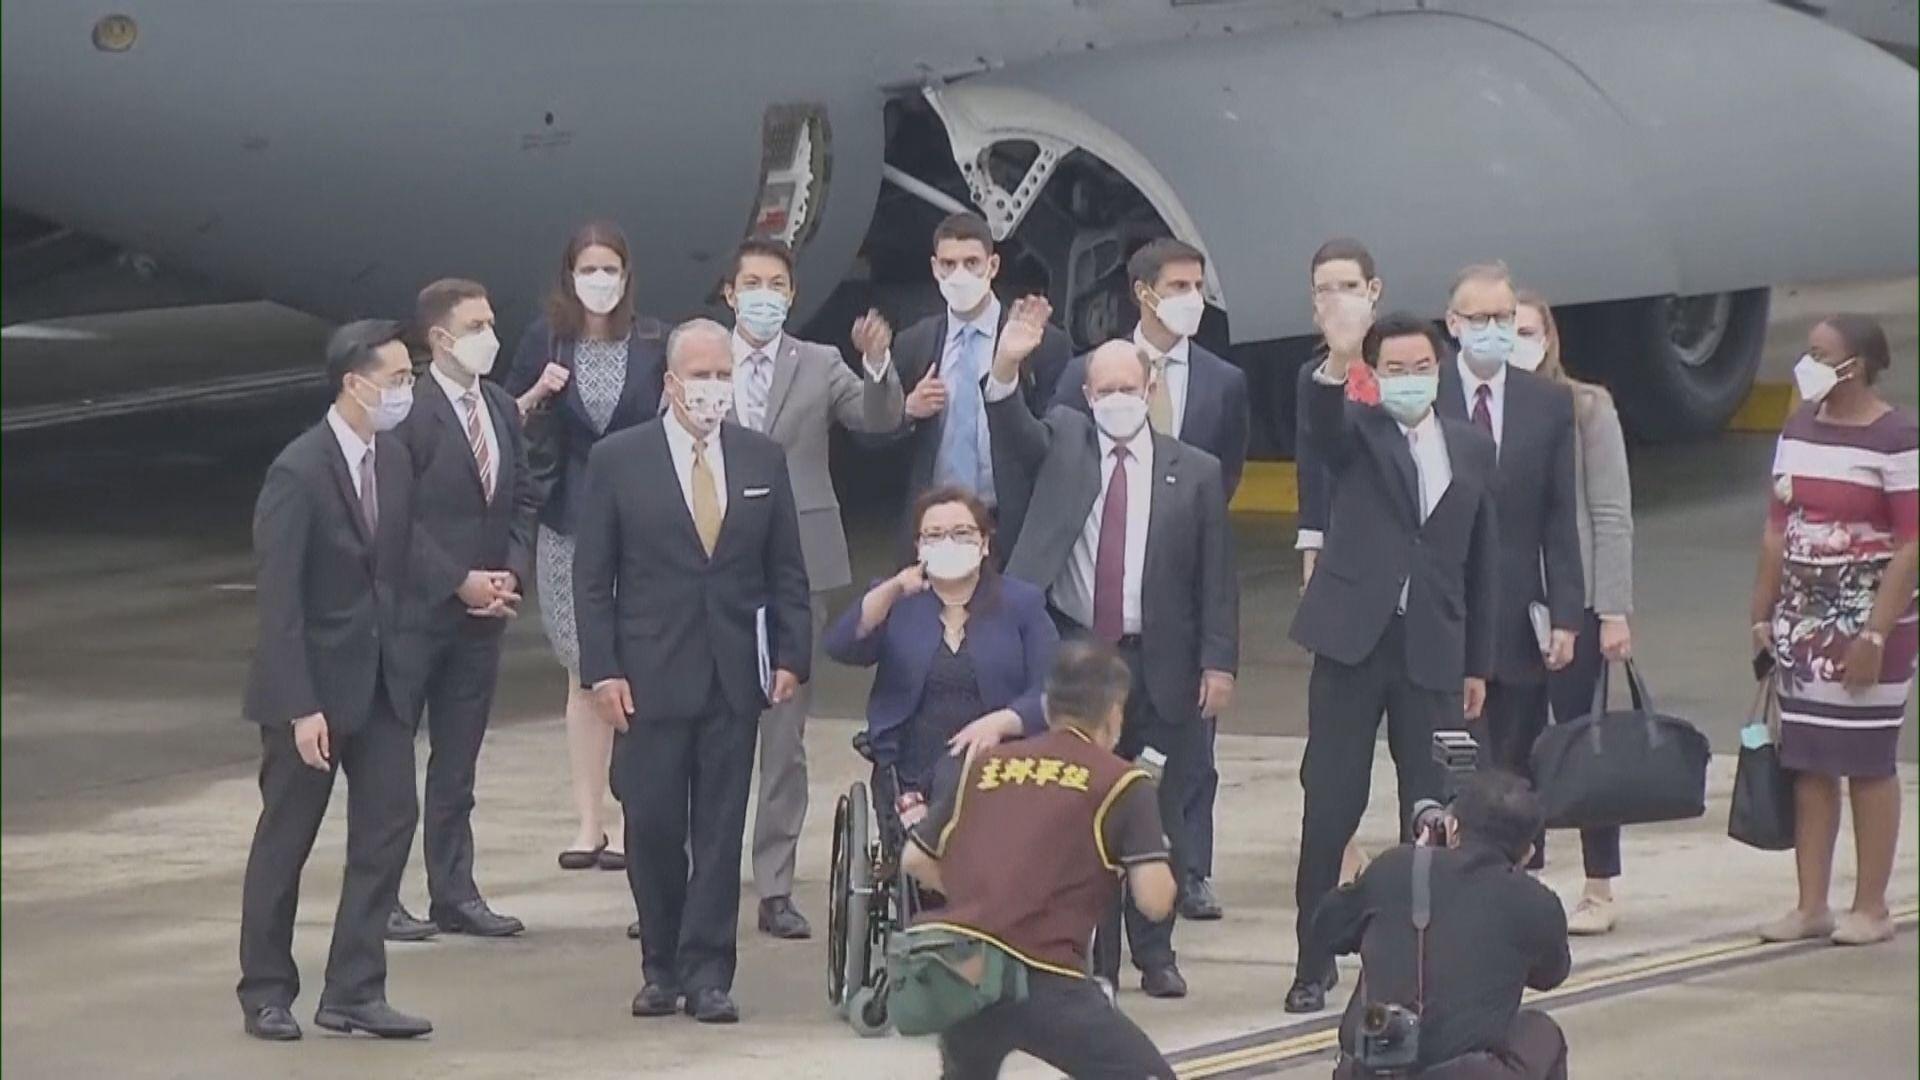 國台辦:民進黨千方百計阻台胞從大陸獲取疫苗